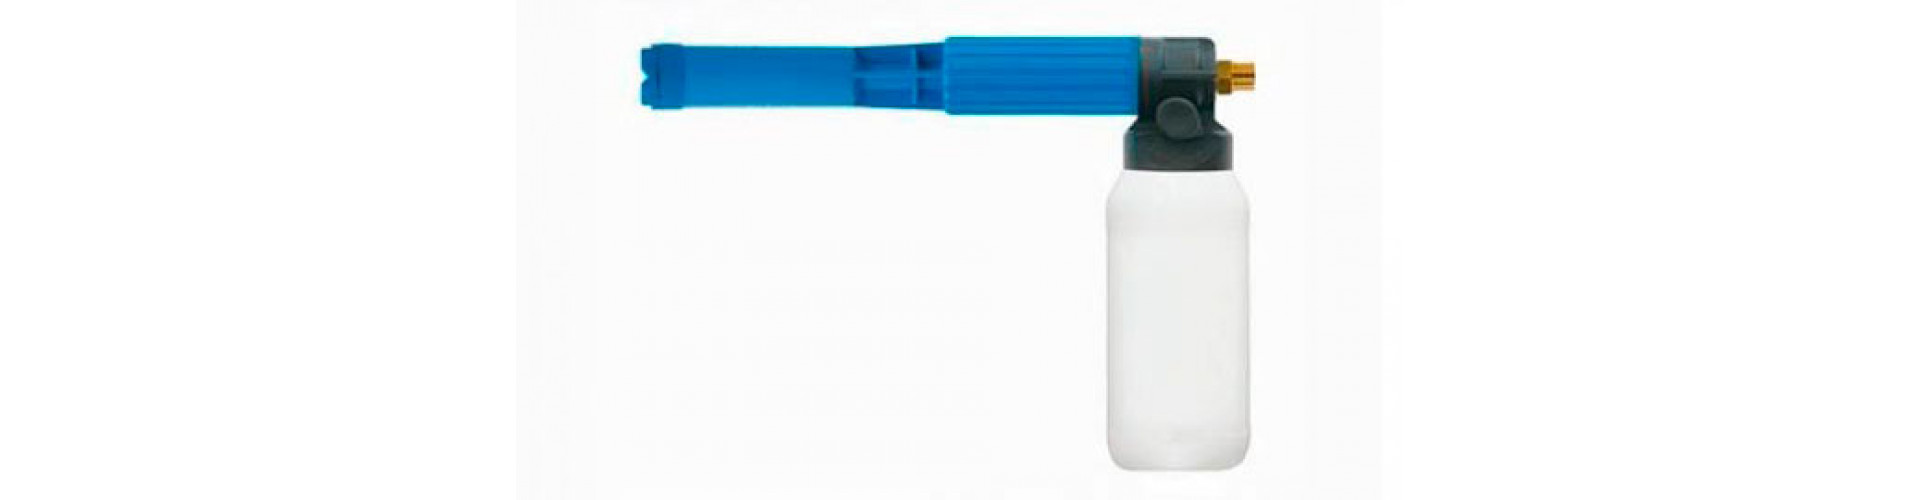 Специальная пенная насадка LS 10, для уборки на пищевых производствах.